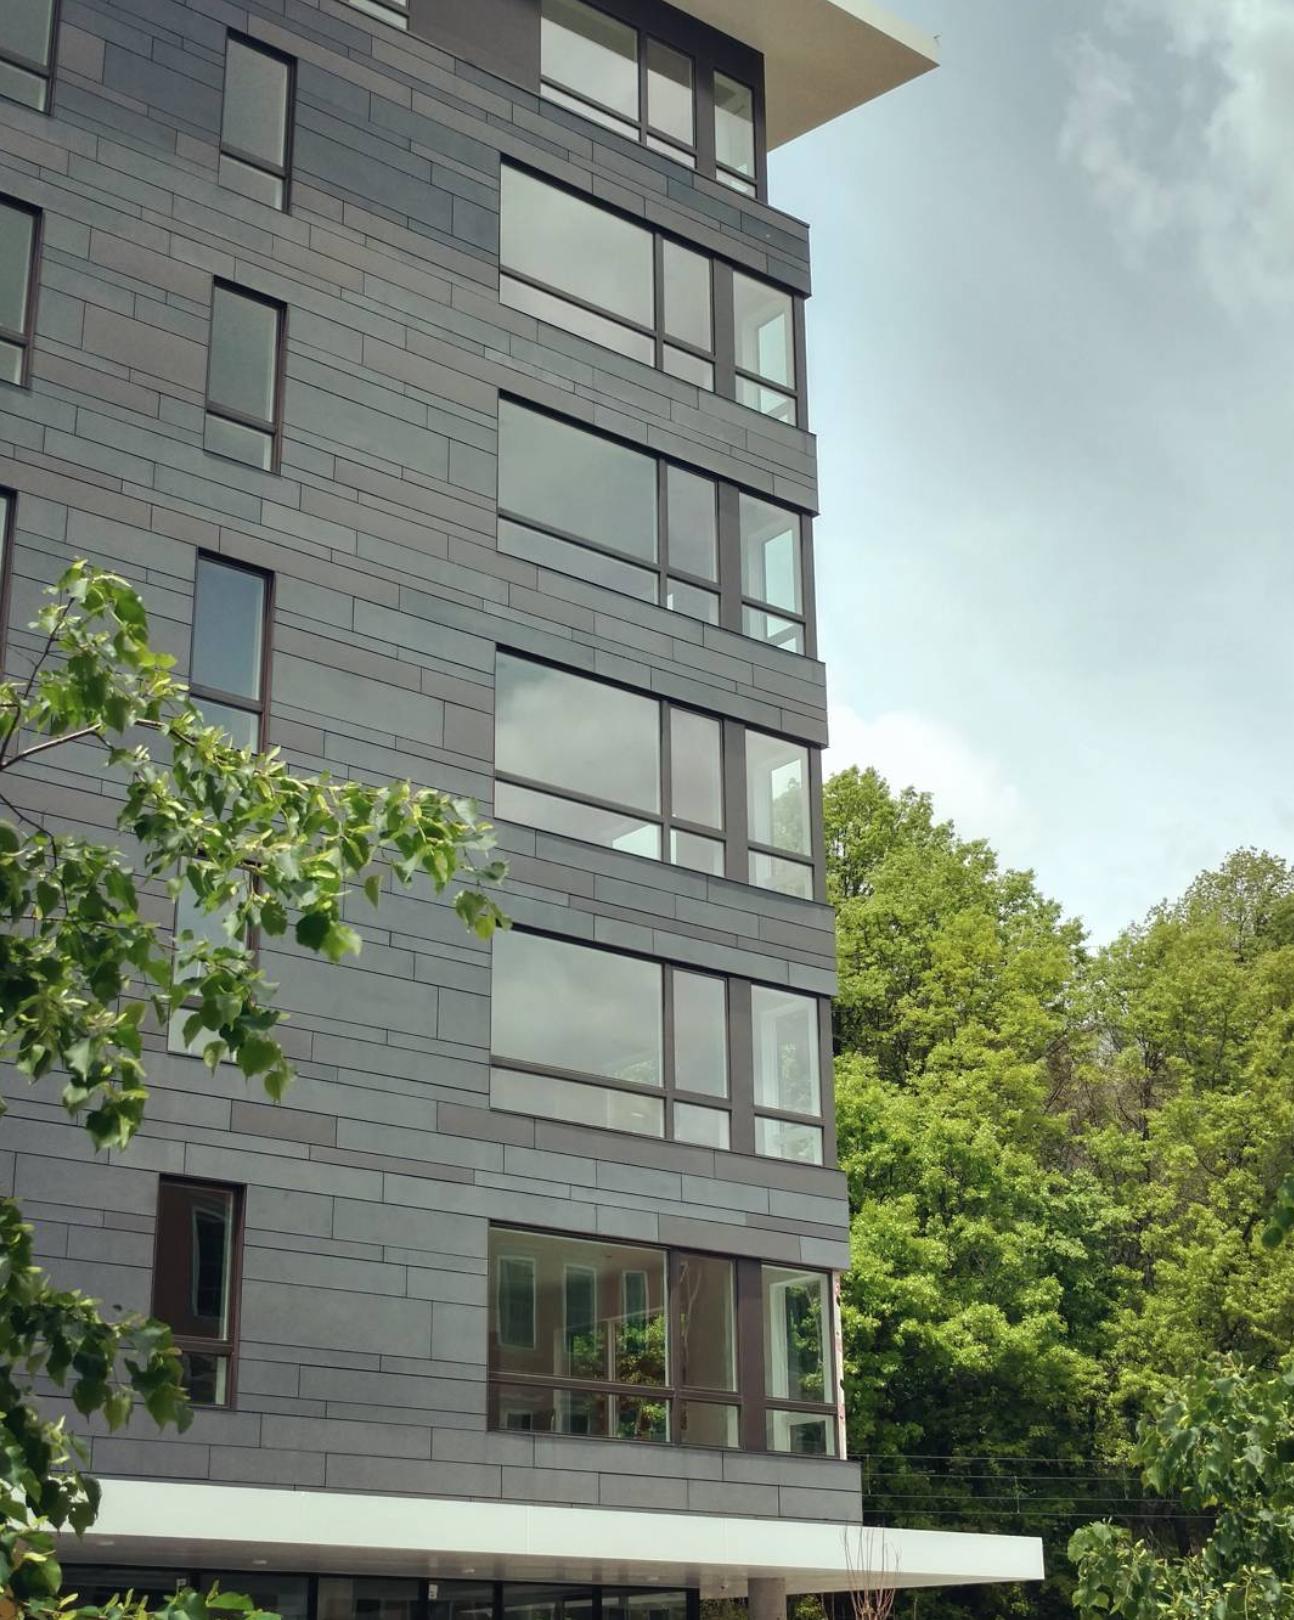 Nj Hoboken Apartment Building Facade Material Facade Apartment Building